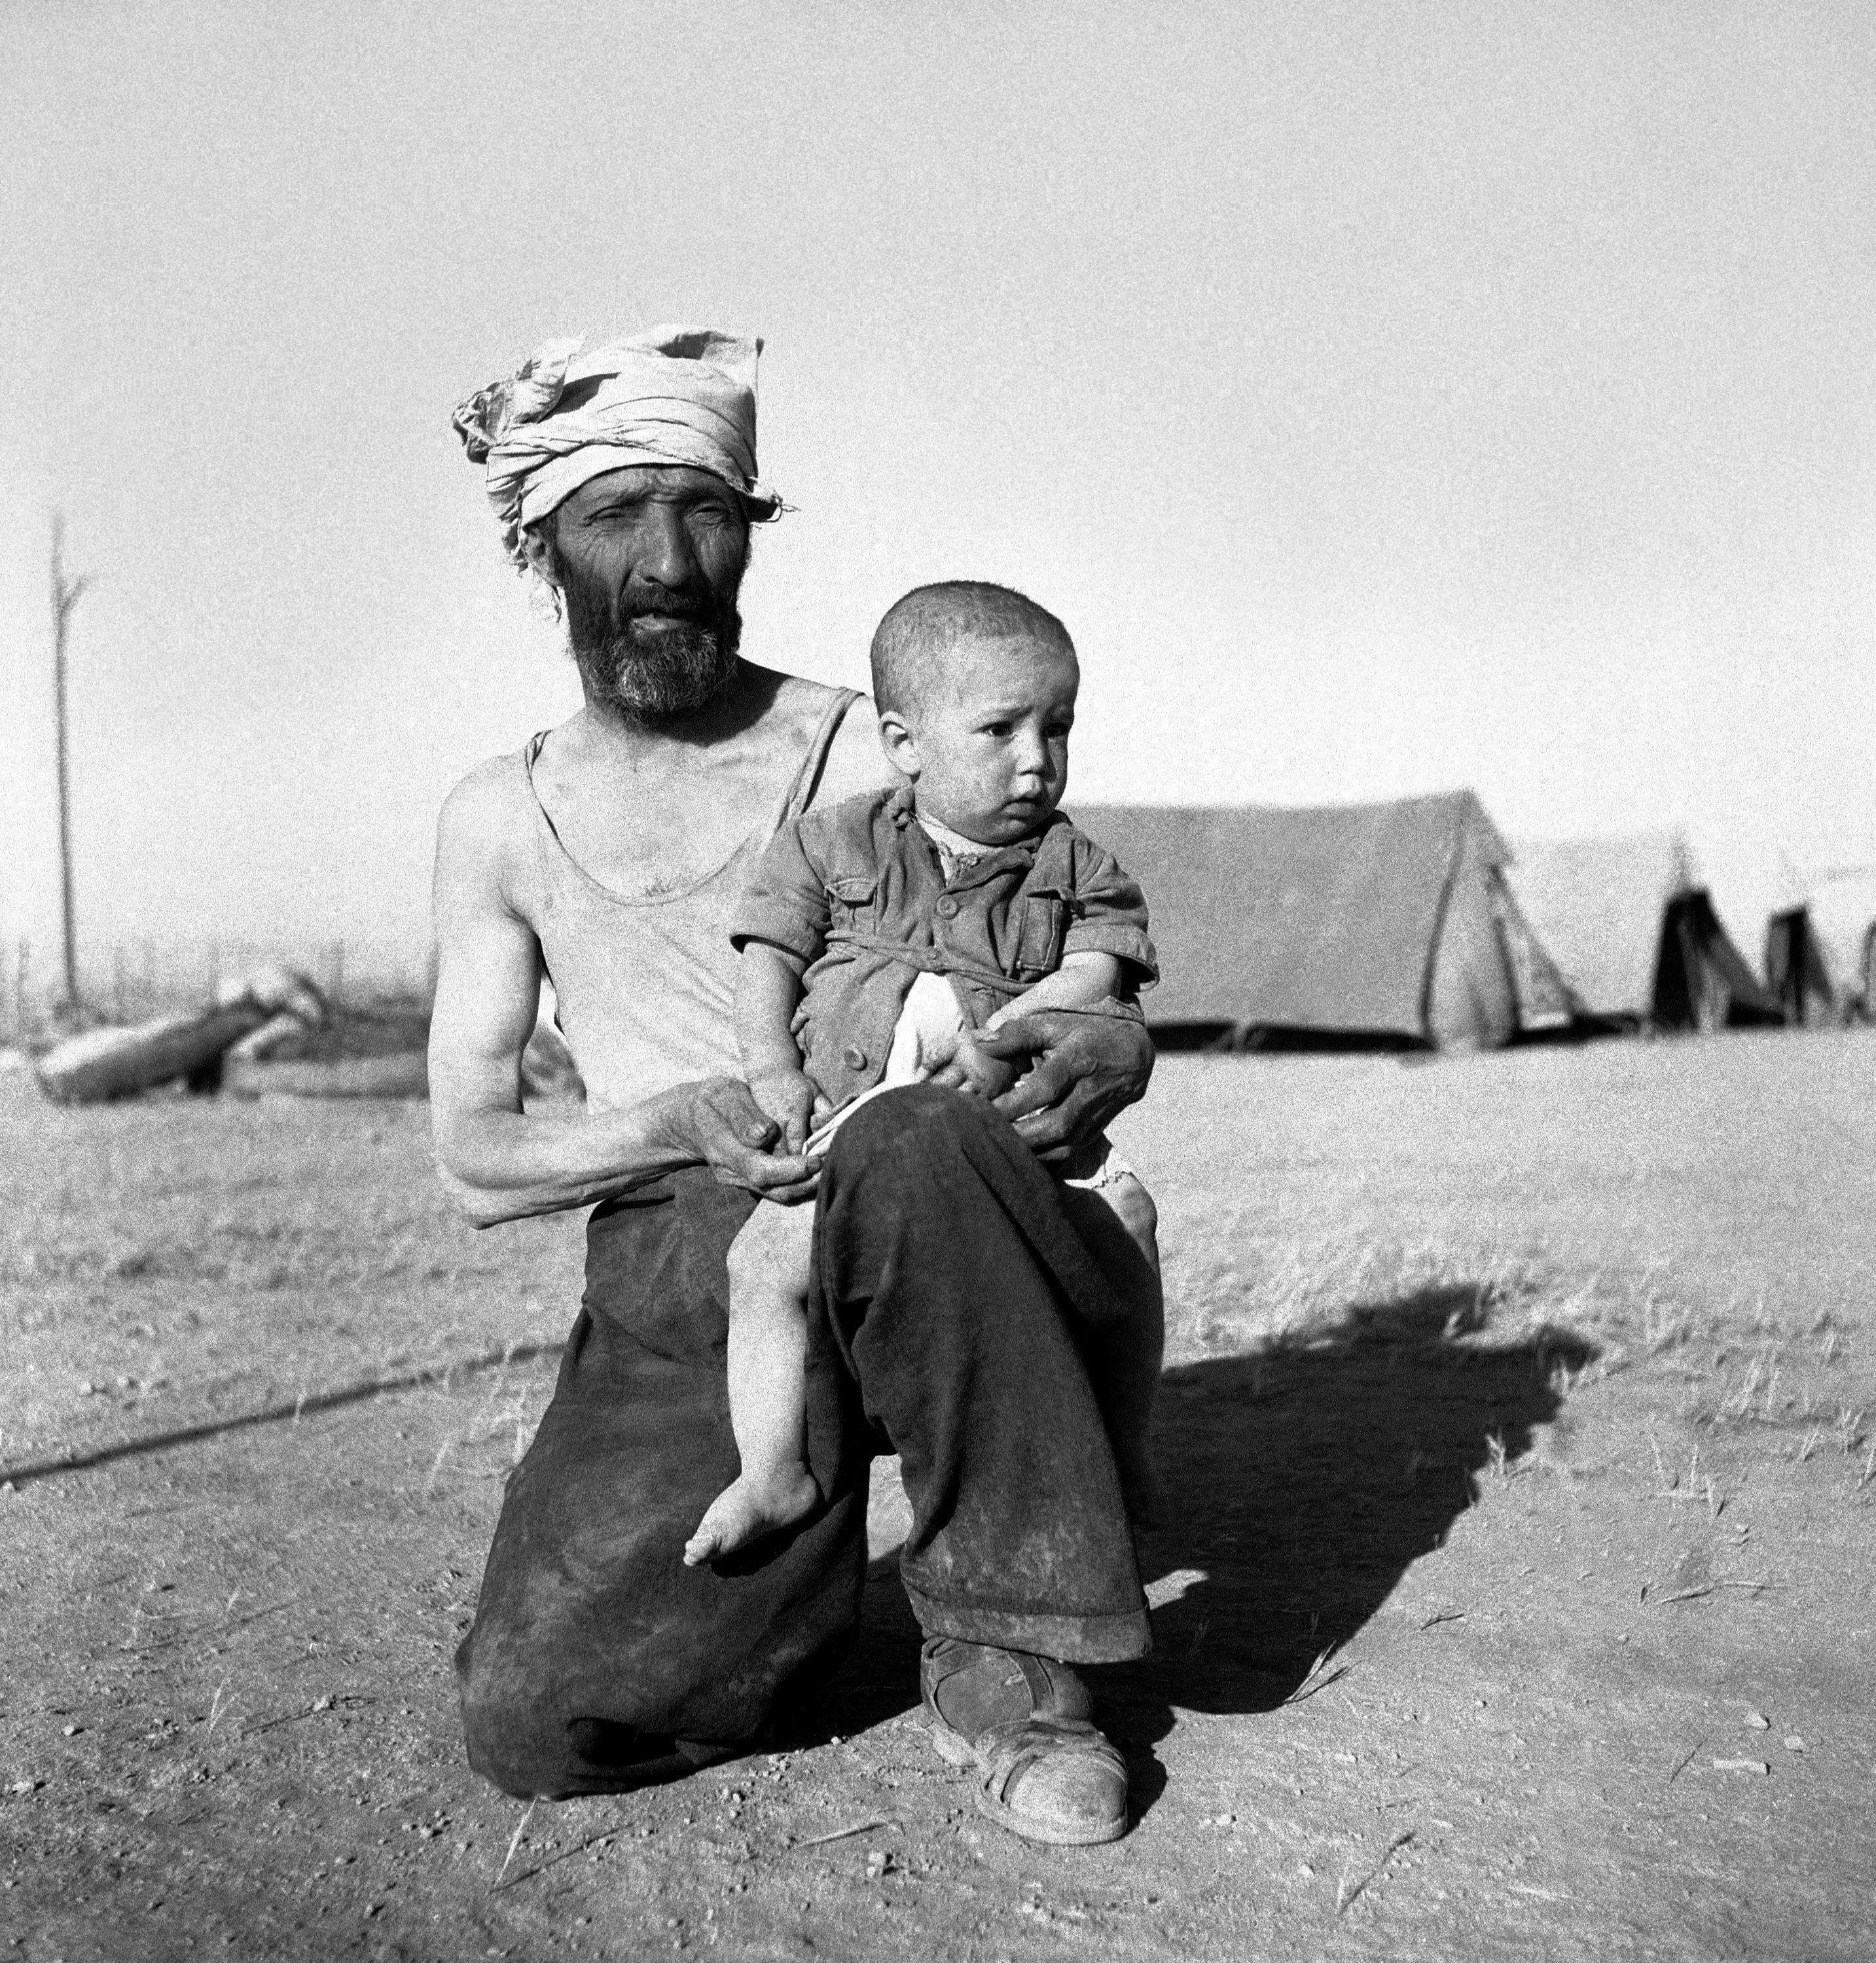 Годовалый Израиль Коперлов на колене у своего отца, Хаима Коперлова, ожидающего проверки охранниками Легиона в Трансиорданском лагере. 4 июня